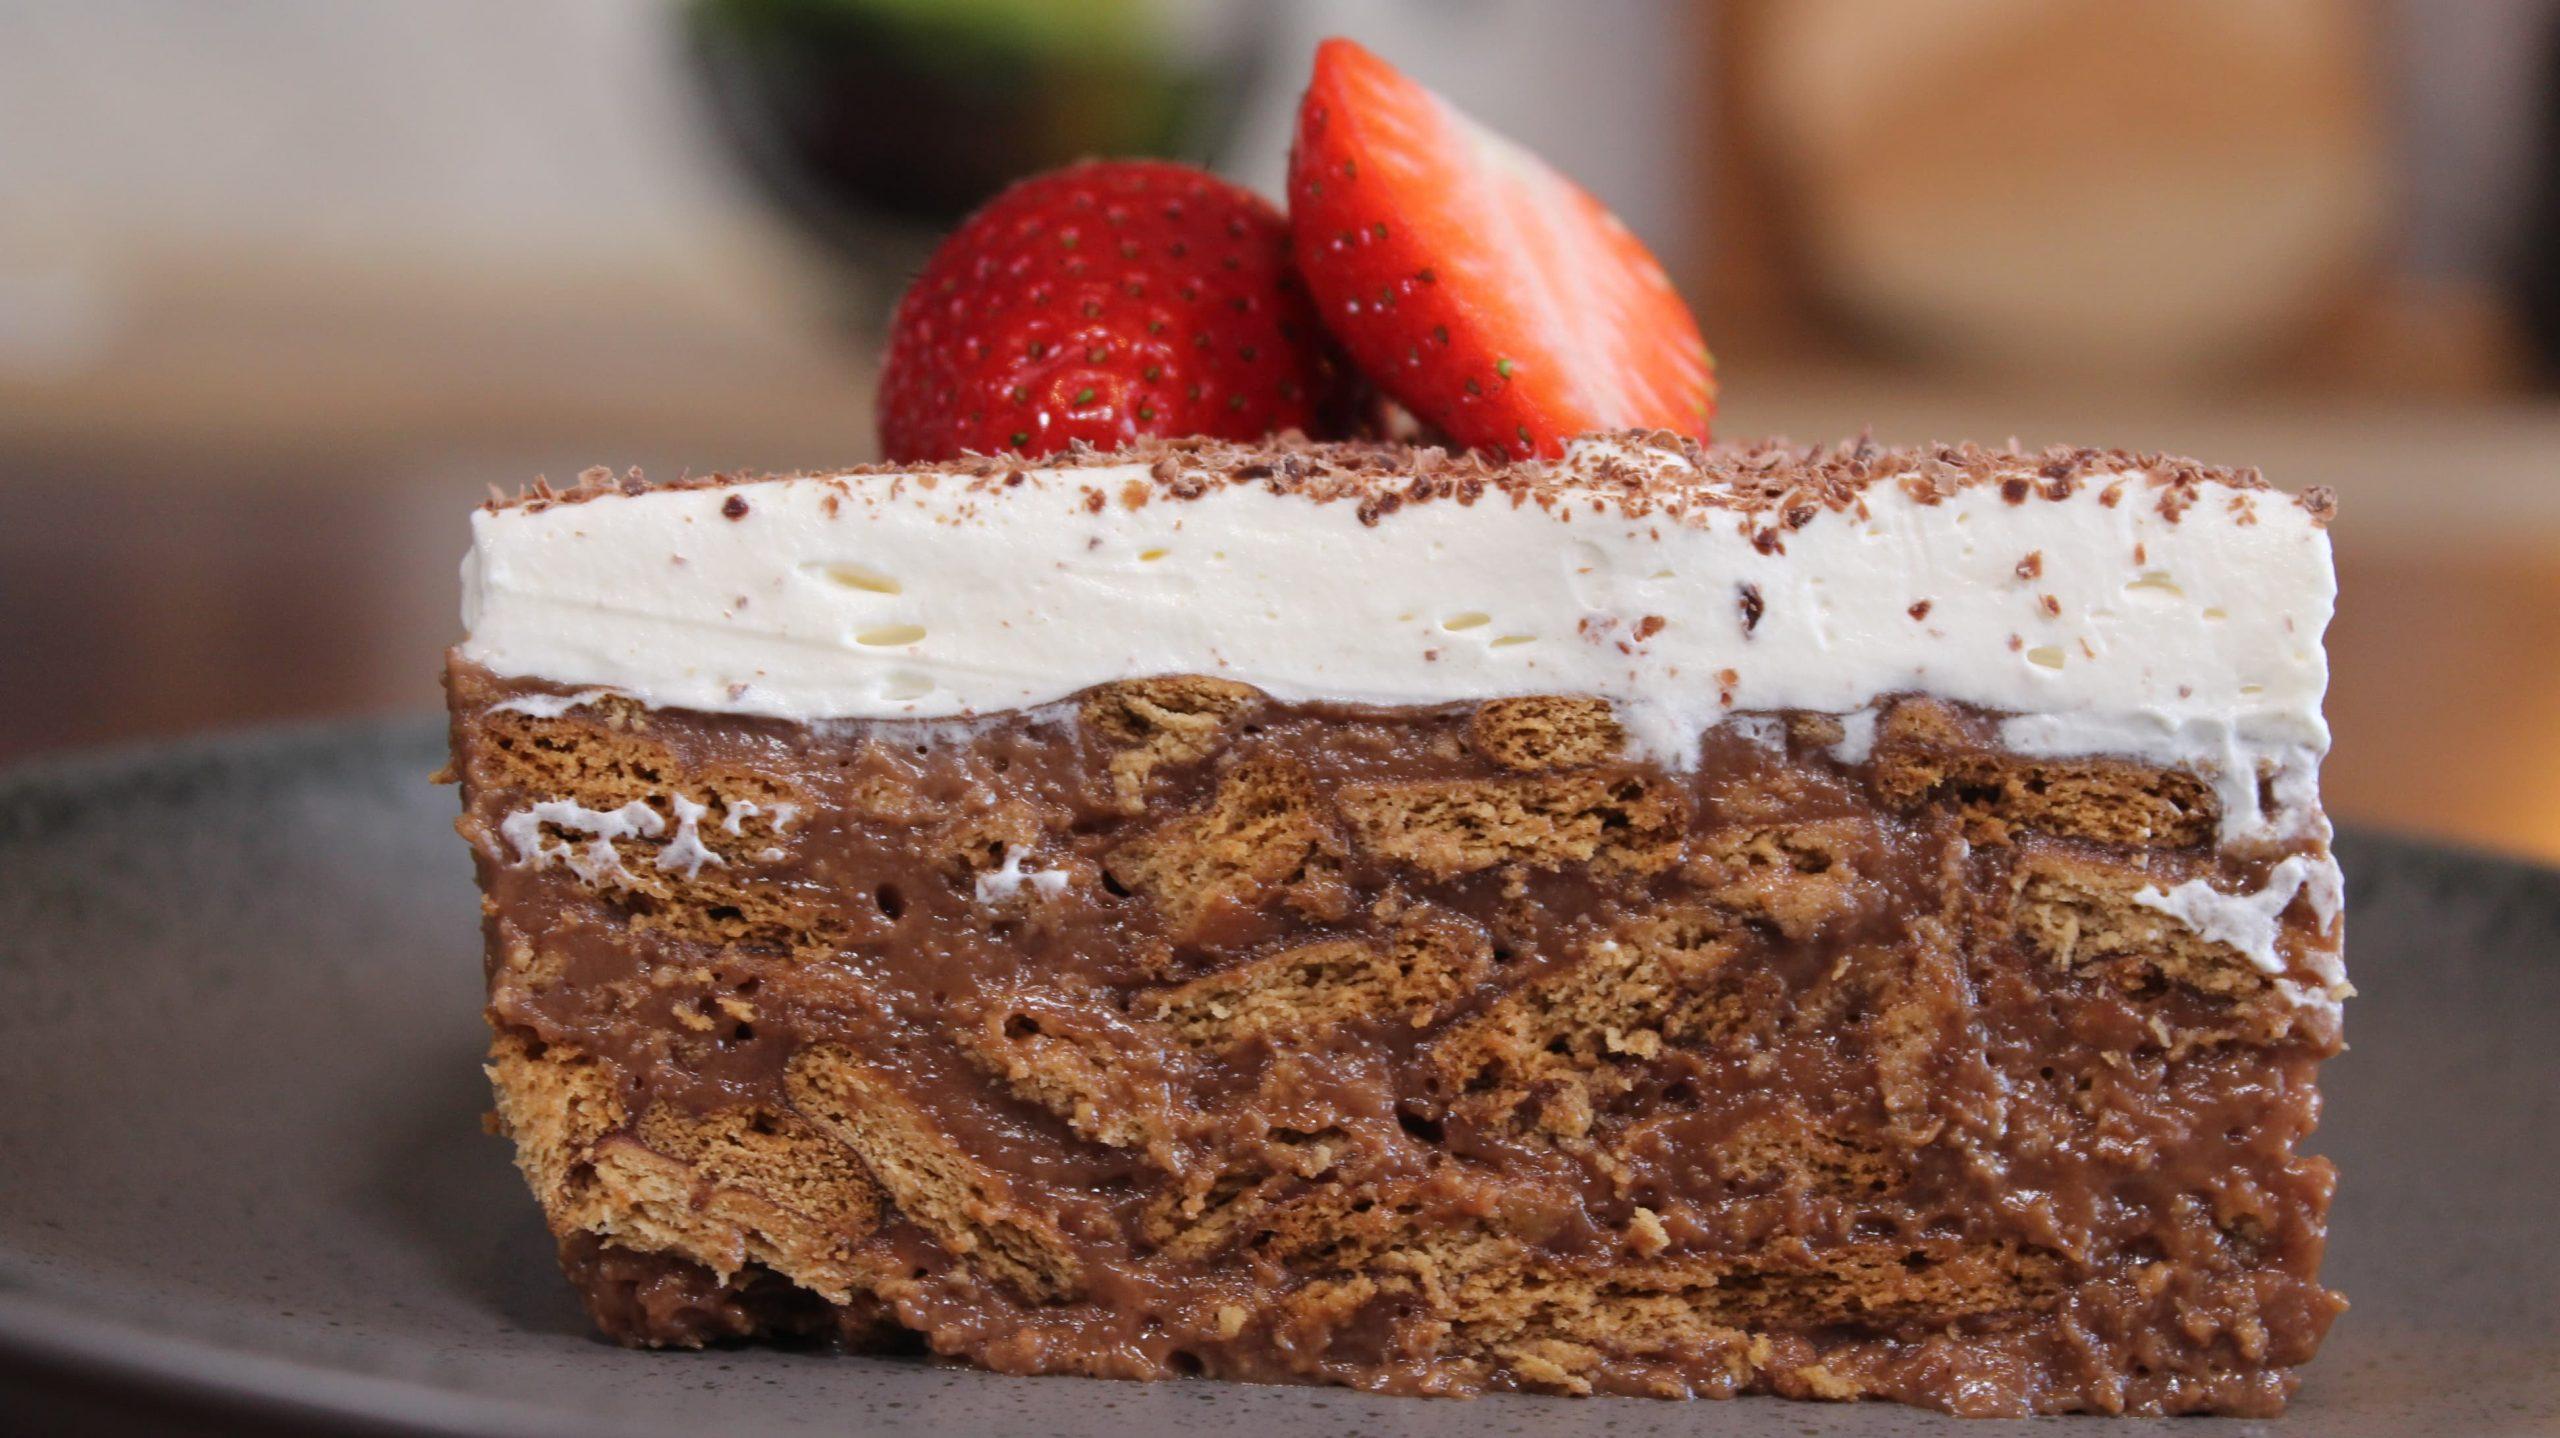 νηστίσιμη_τούρτα_κατσαρόλας_με_σοκολάτα_μπισκότο_και_σαντιγί_